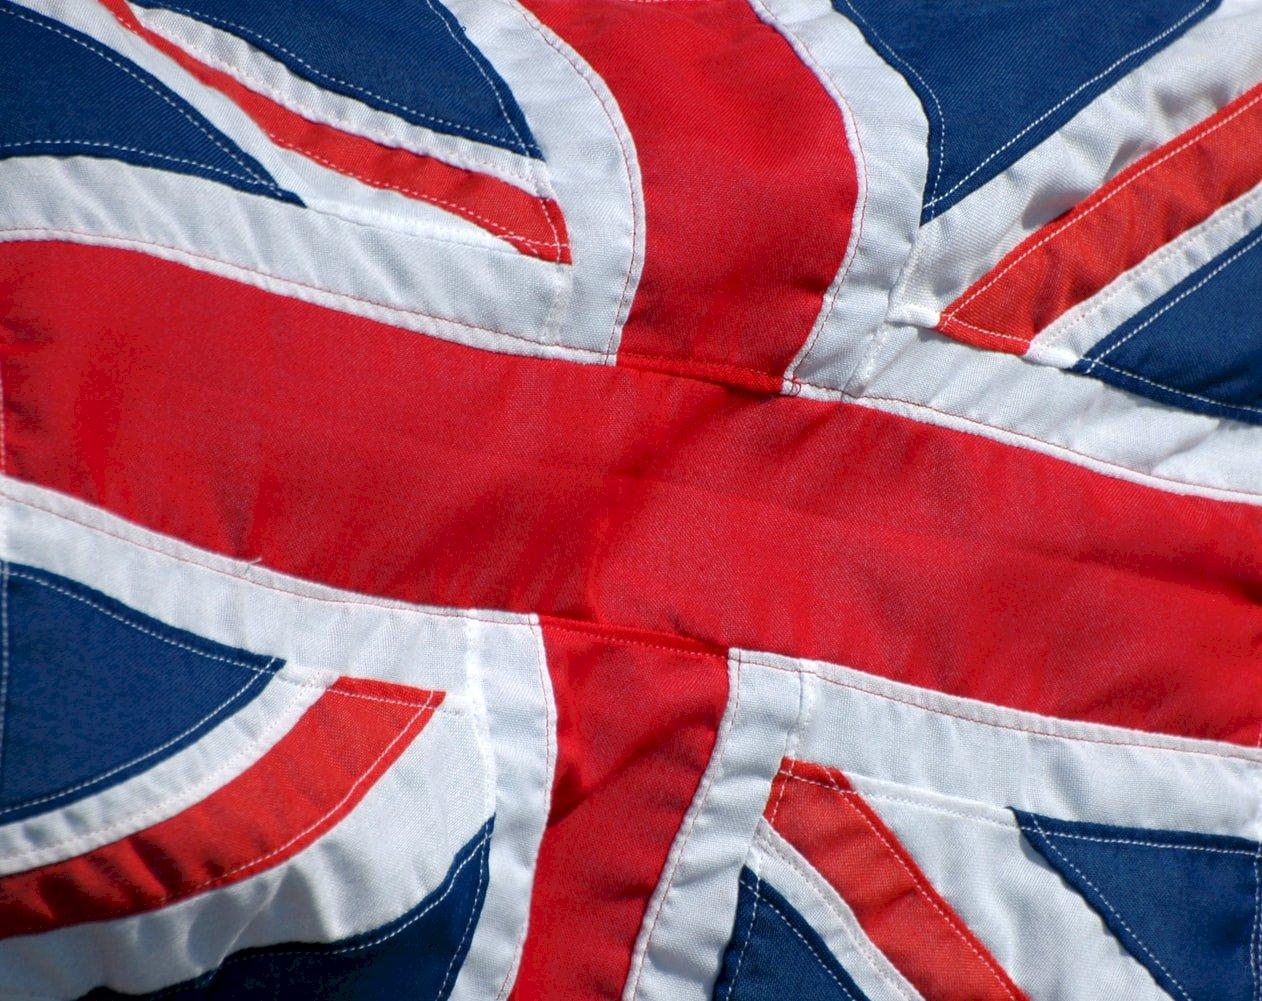 不要前往 美國提升赴英旅遊警示至最高級